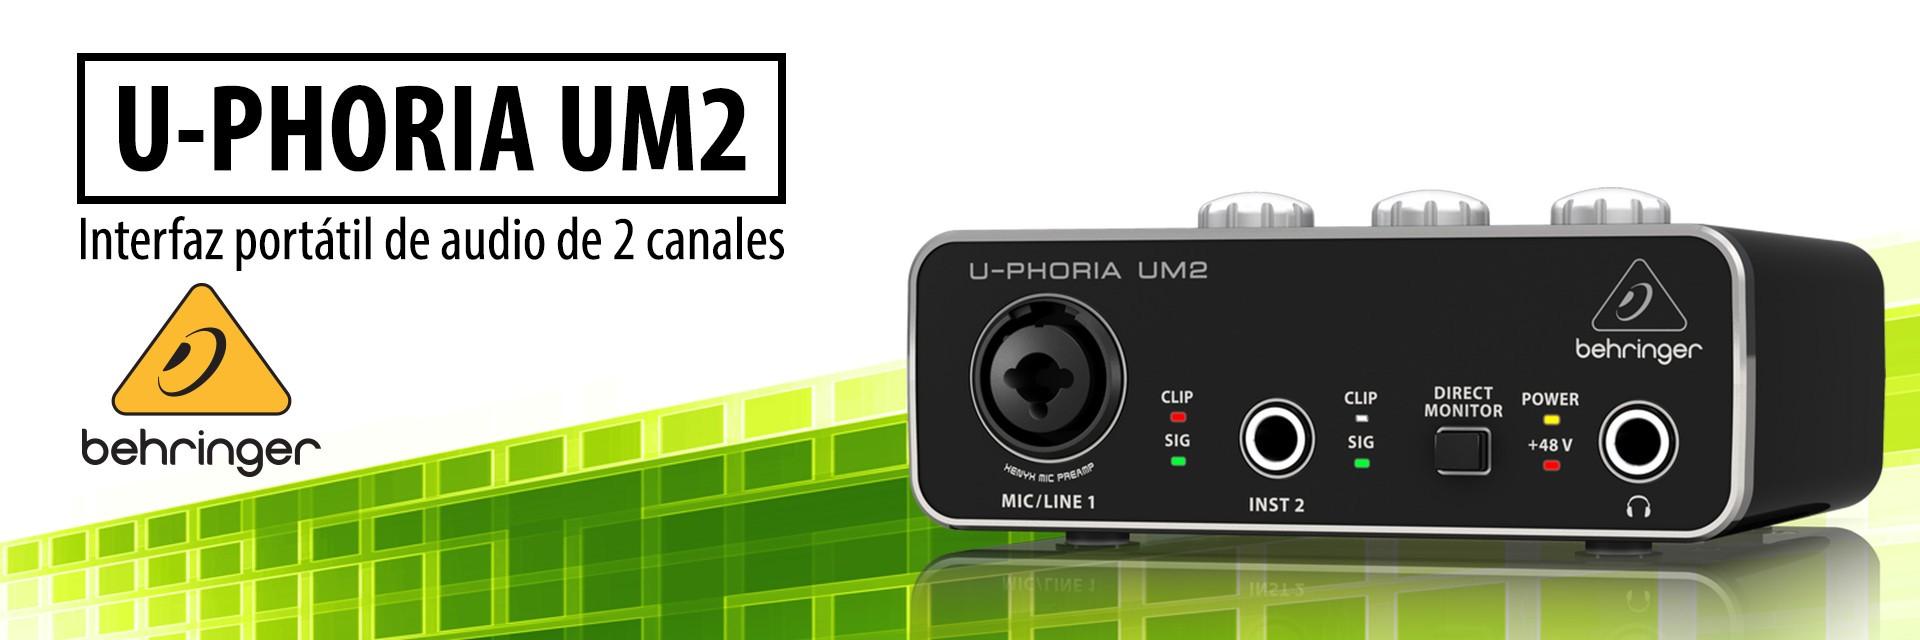 U-PHORIA UM2 - Interfaz portátil de audio de 2 canales